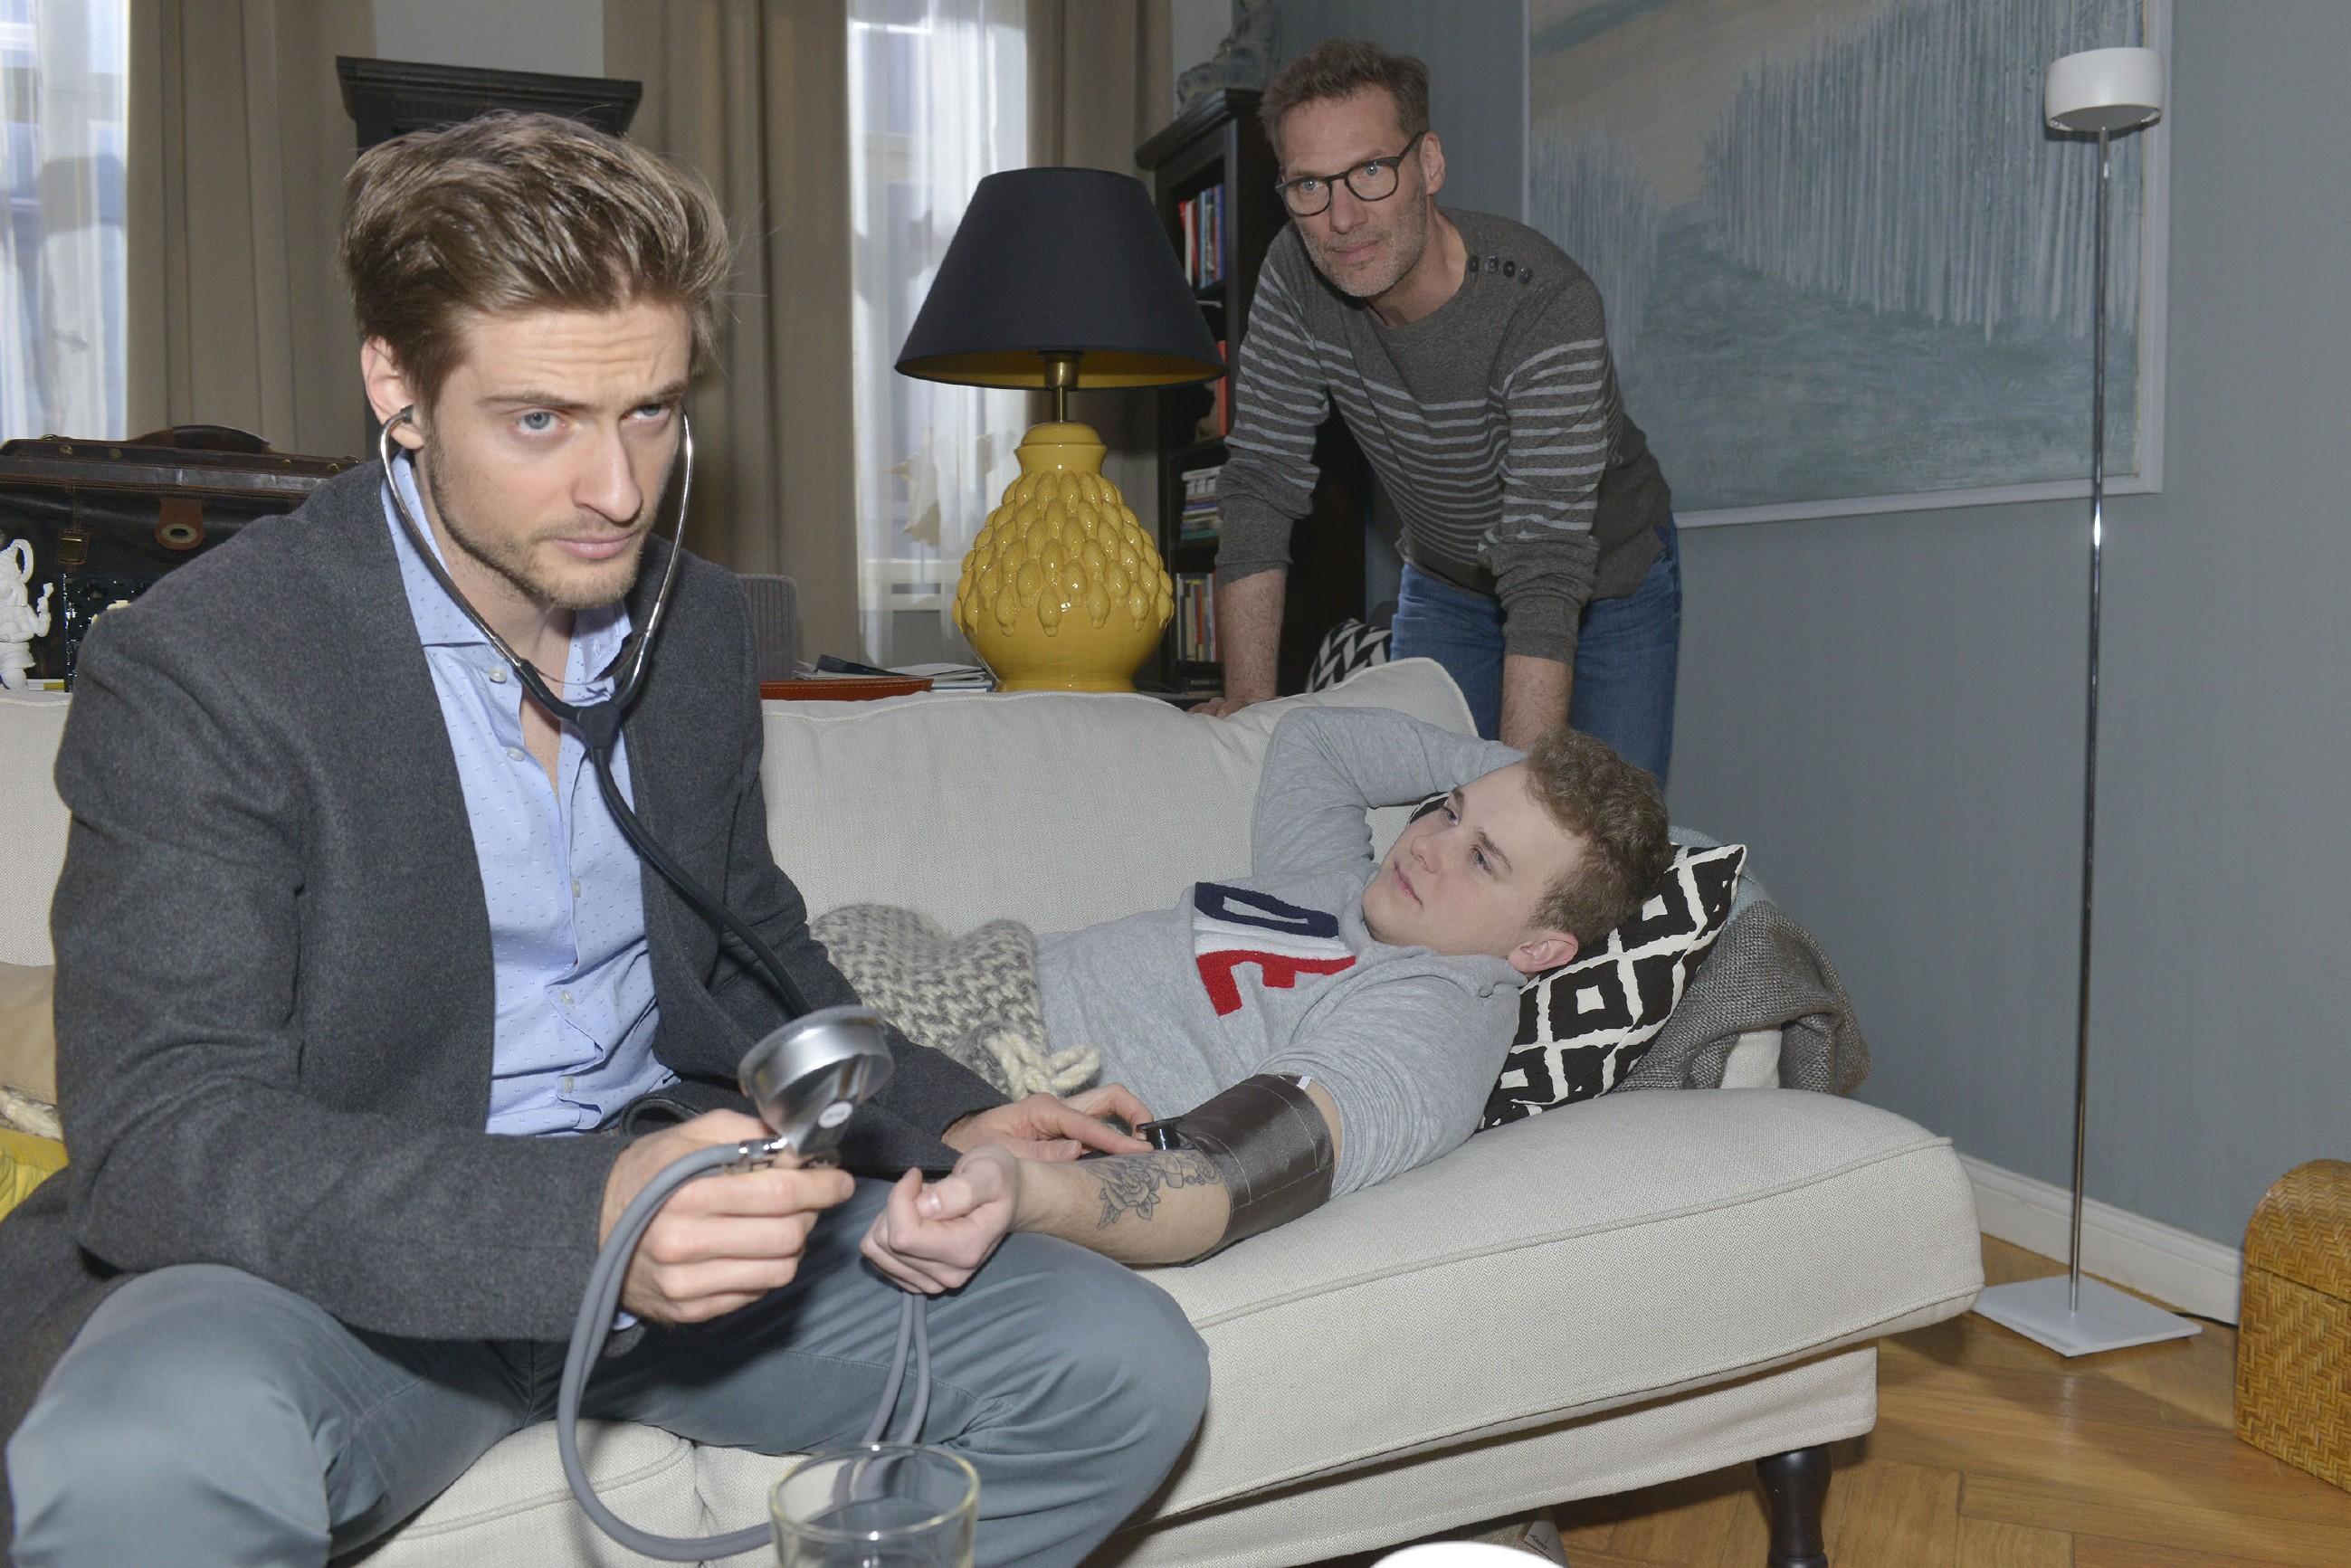 Während Philip (Jörn Schlönvoigt, l.) Jonas (Felix van Deventer, M.) untersucht, muss dieser sich vor Alexander (Clemens Löhr) eingestehen, dass er nicht ganz unschuldig an seinem Zusammenbruch ist. (Quelle: RTL / Rolf Baumgartner)